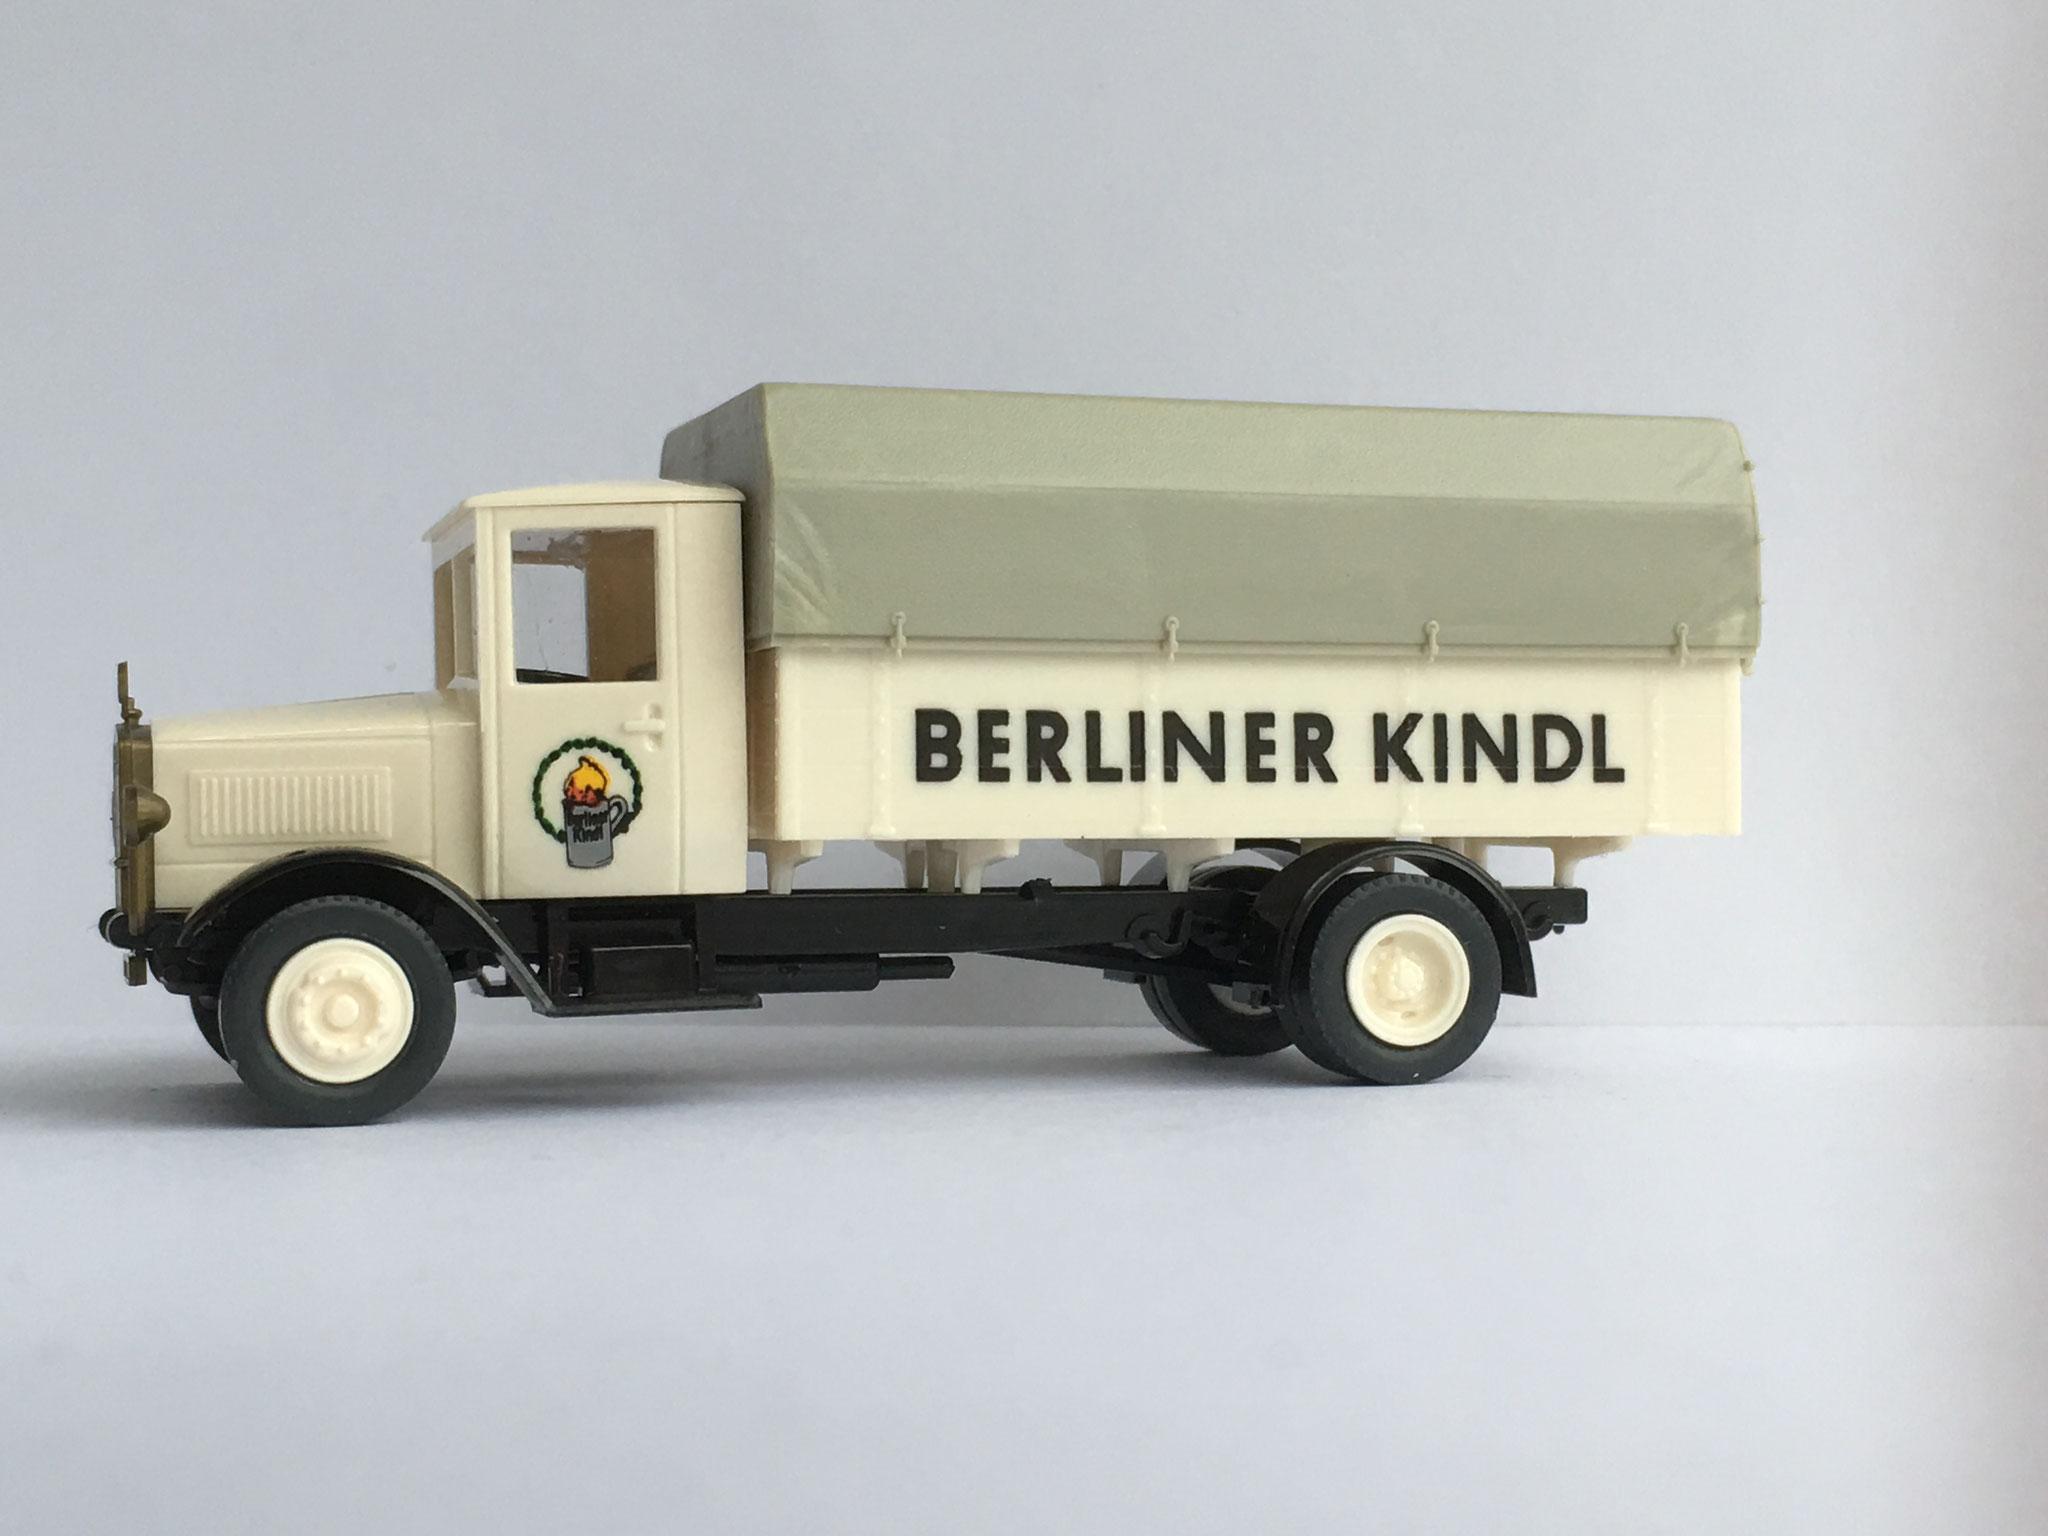 Mercedes L5 Bierwagen Berliner Kindl Brauerei, Art. Nr. 1013 (ab 1988 im Programm)